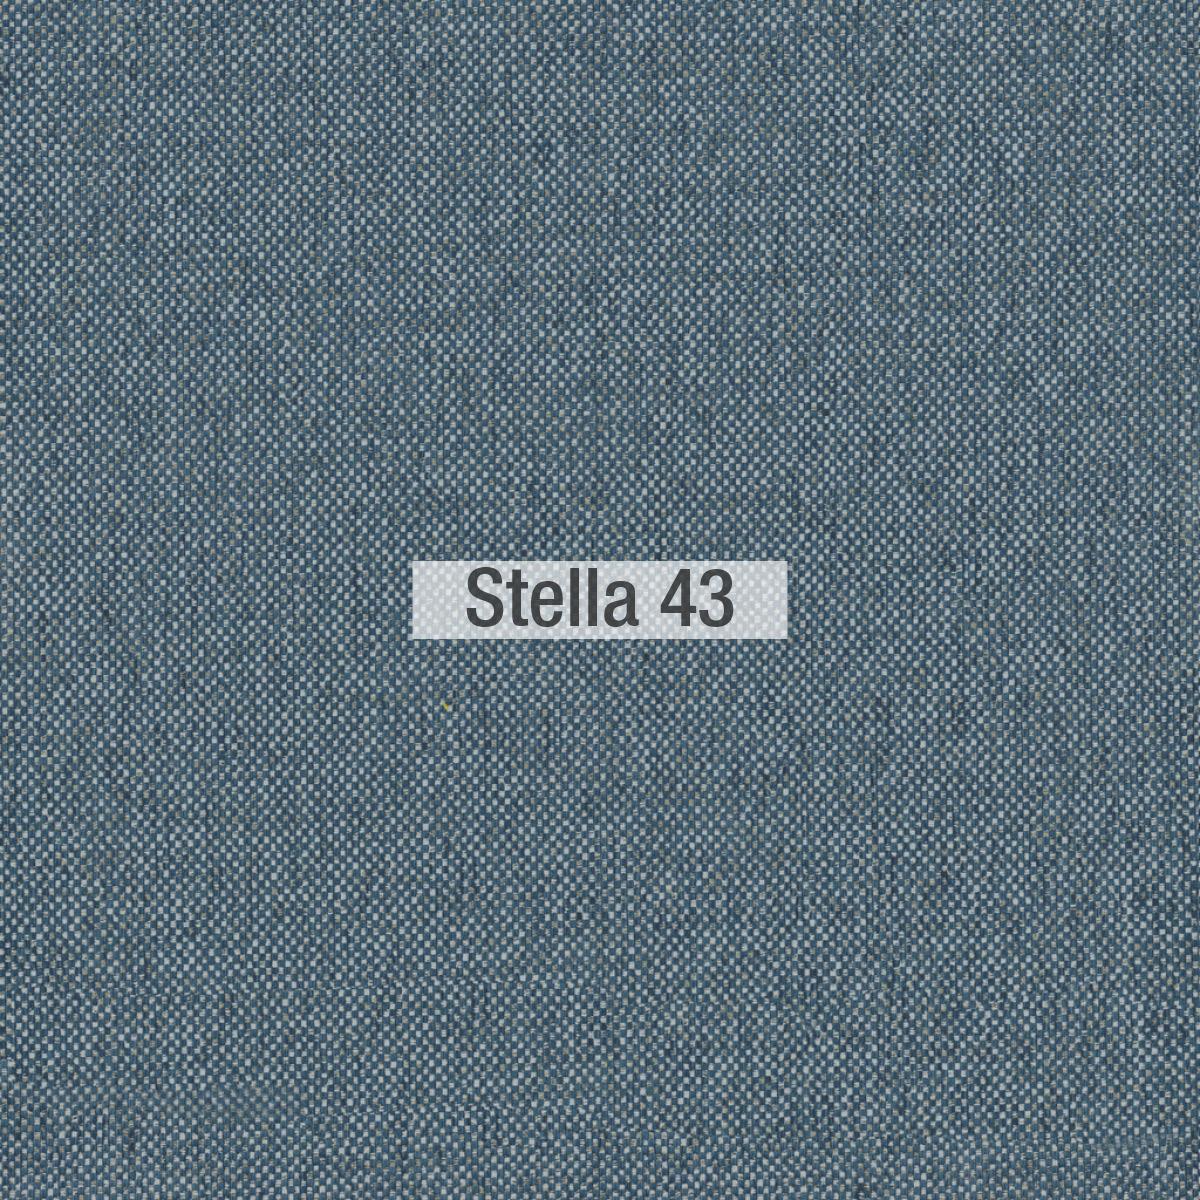 Colores Stella-Dots tela Fama 2020 07